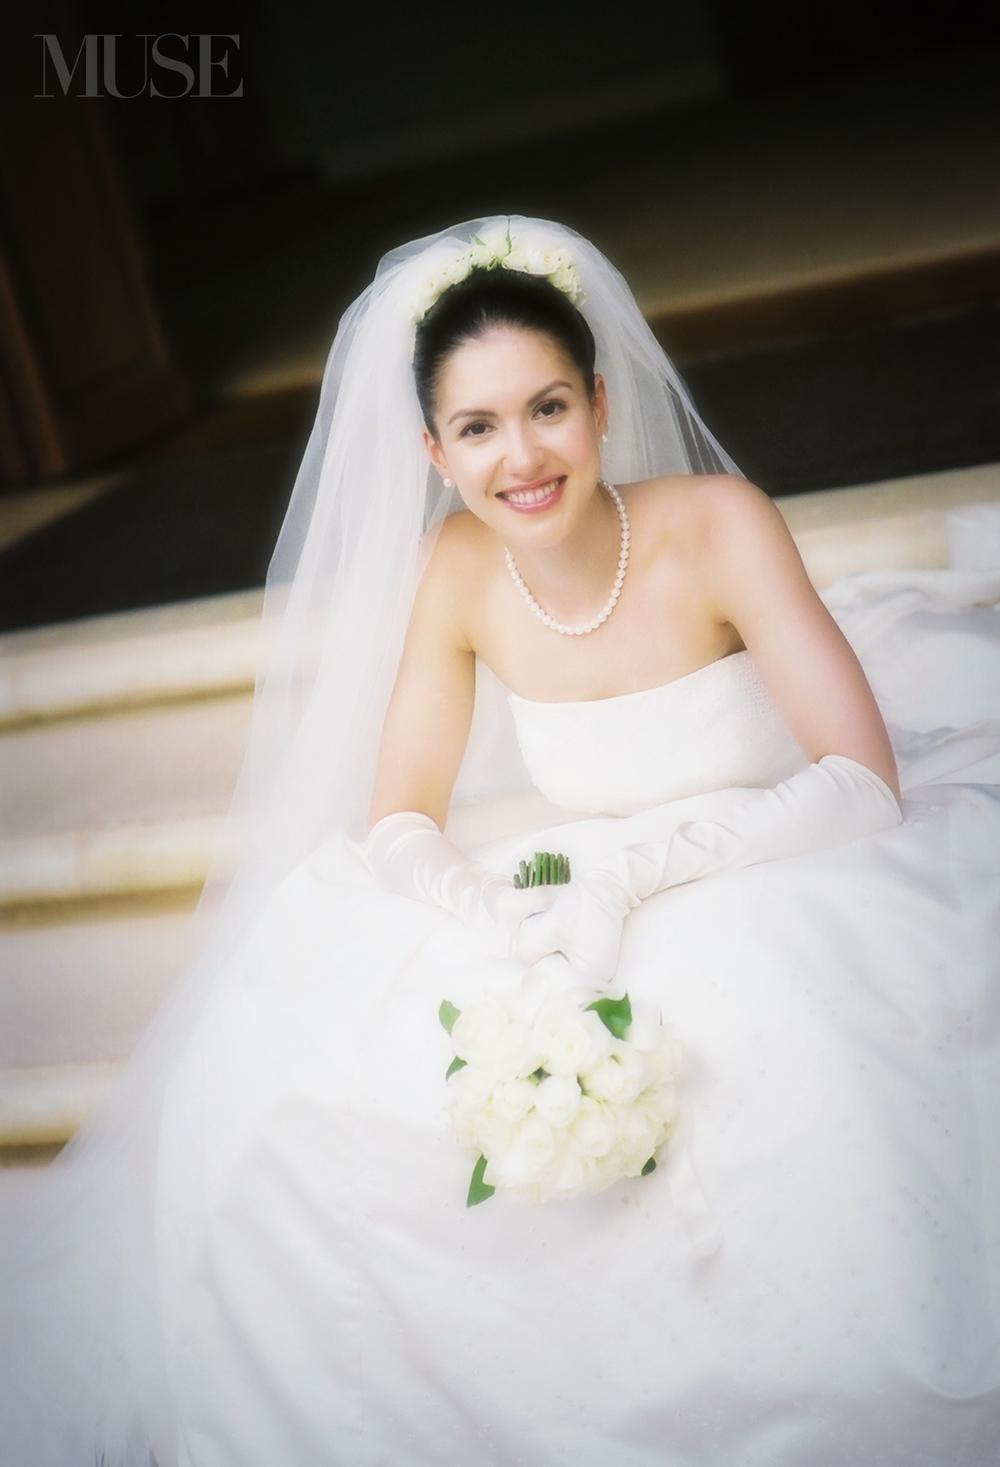 MUSE Bride Erick Rhodes Photography Halekulani Hotel Wedding